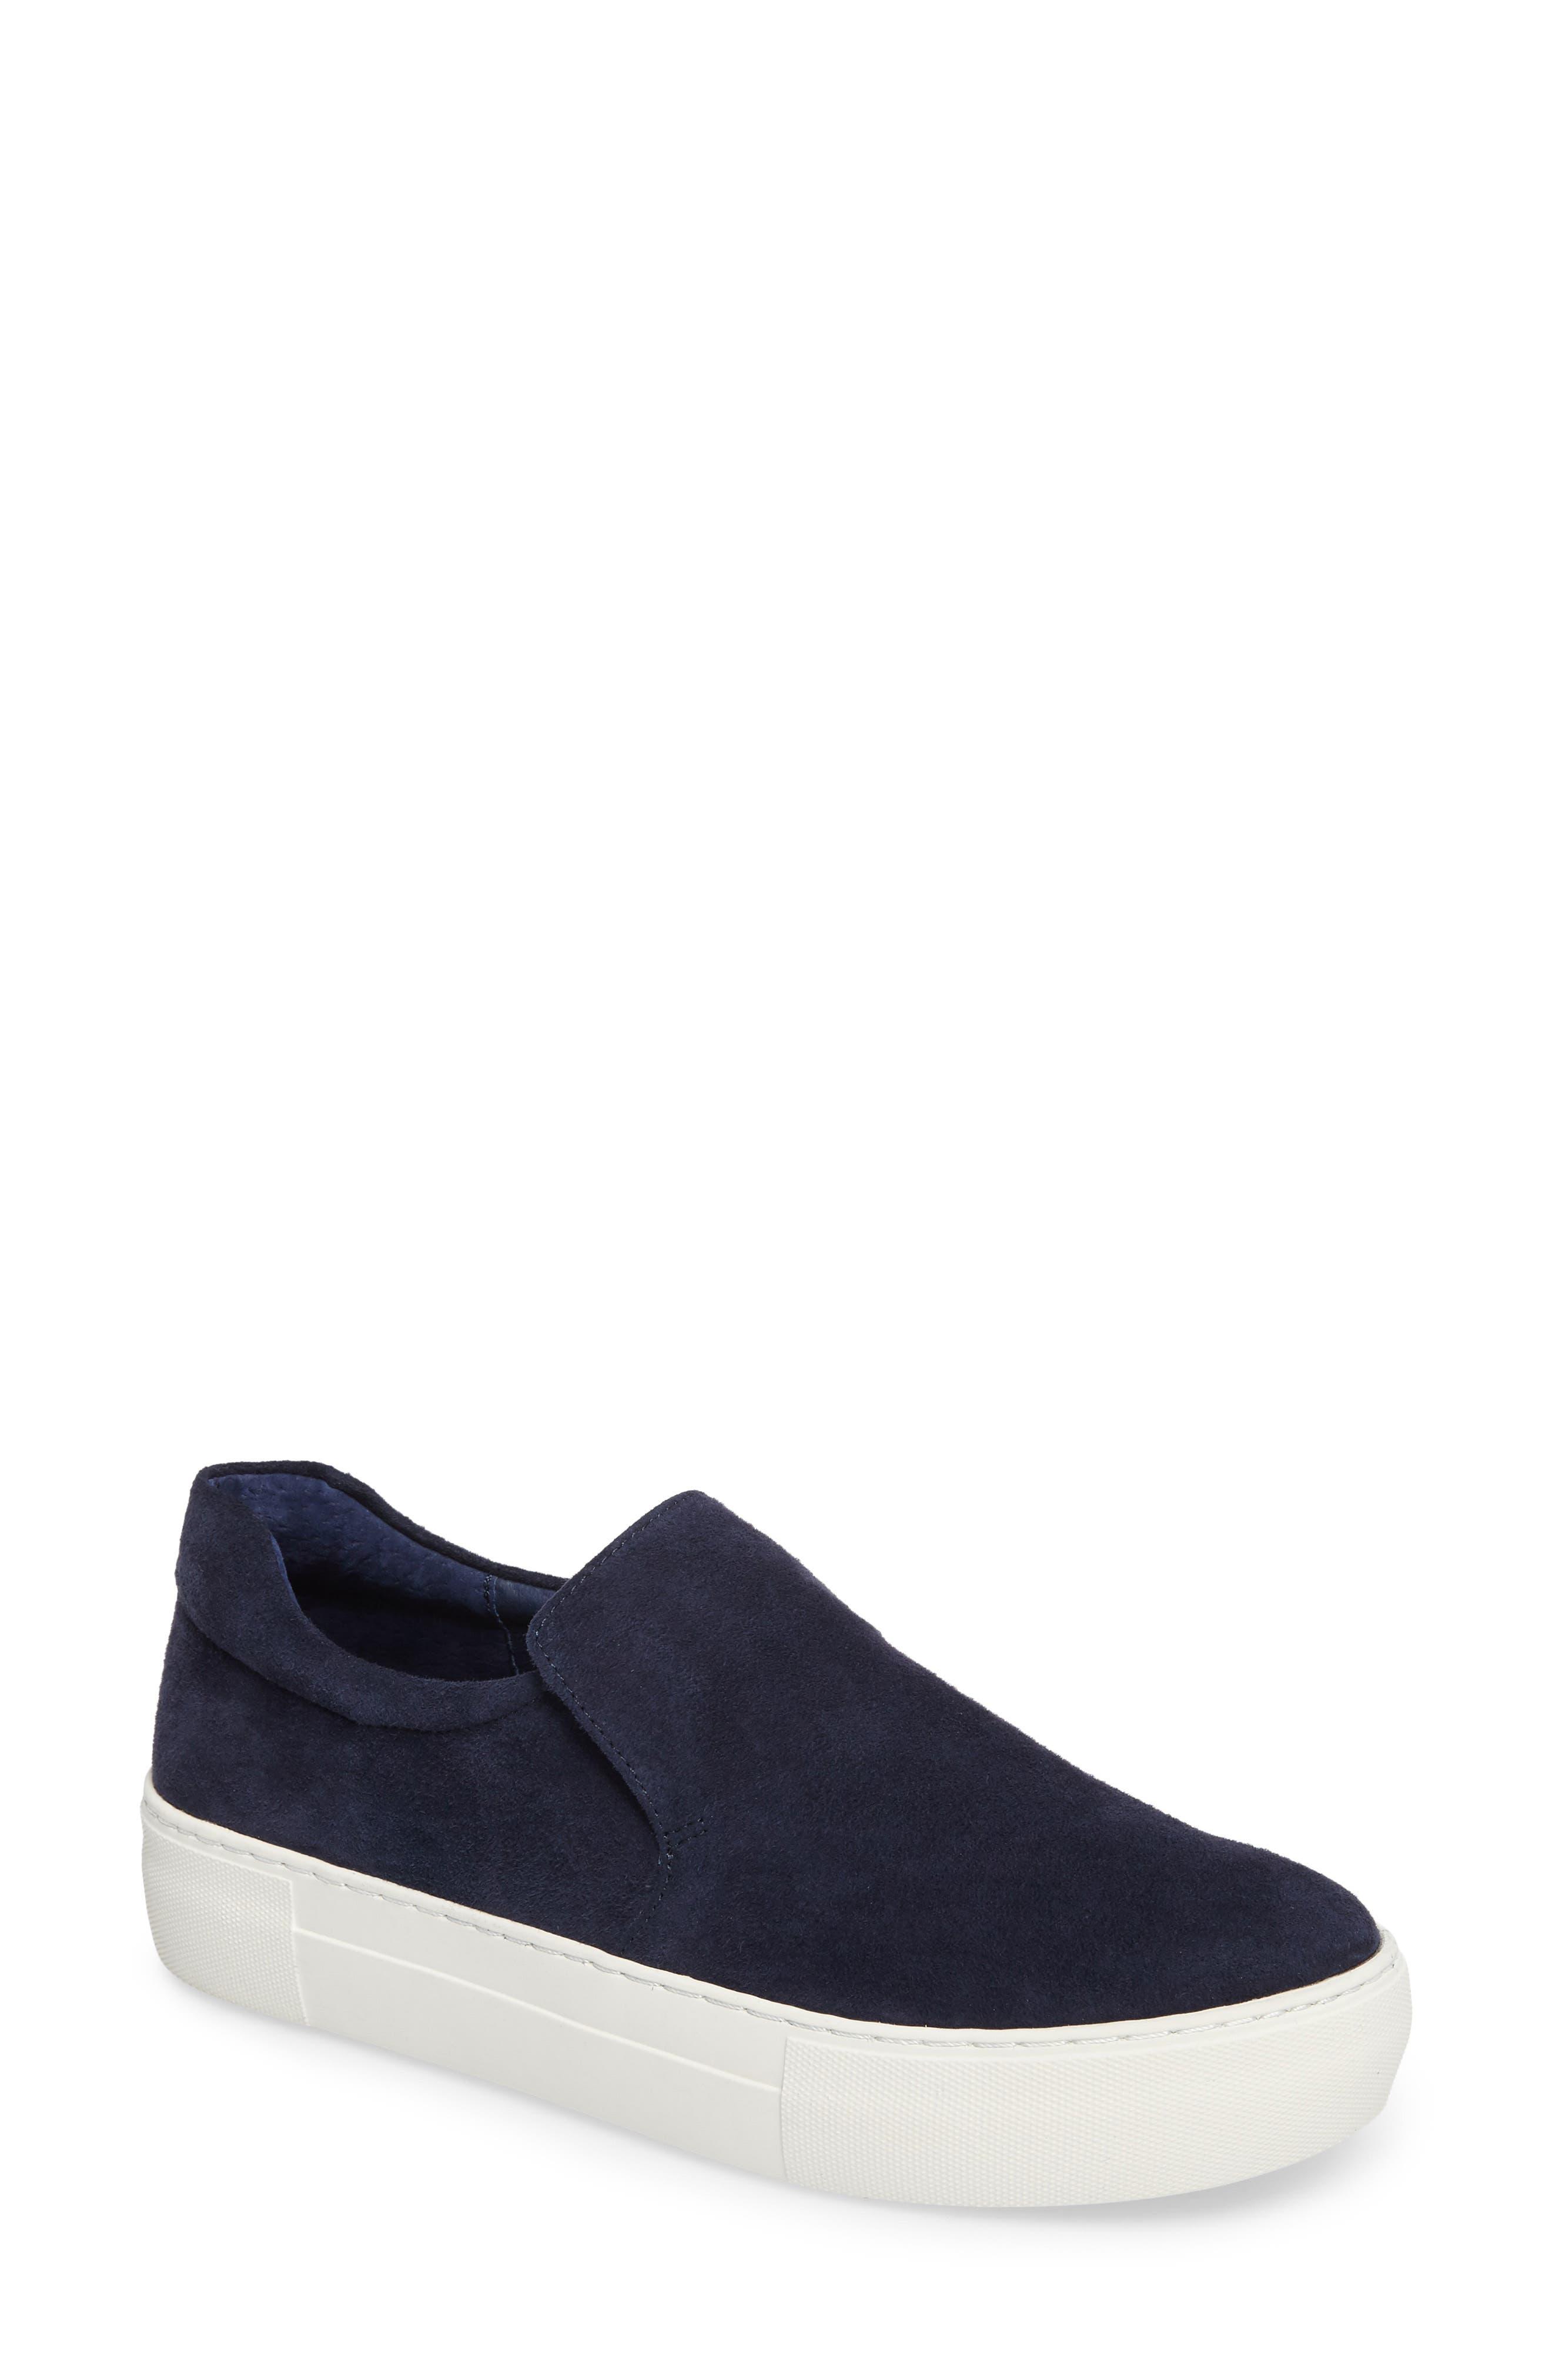 JSlides Acer Slip-On Sneaker (Women)